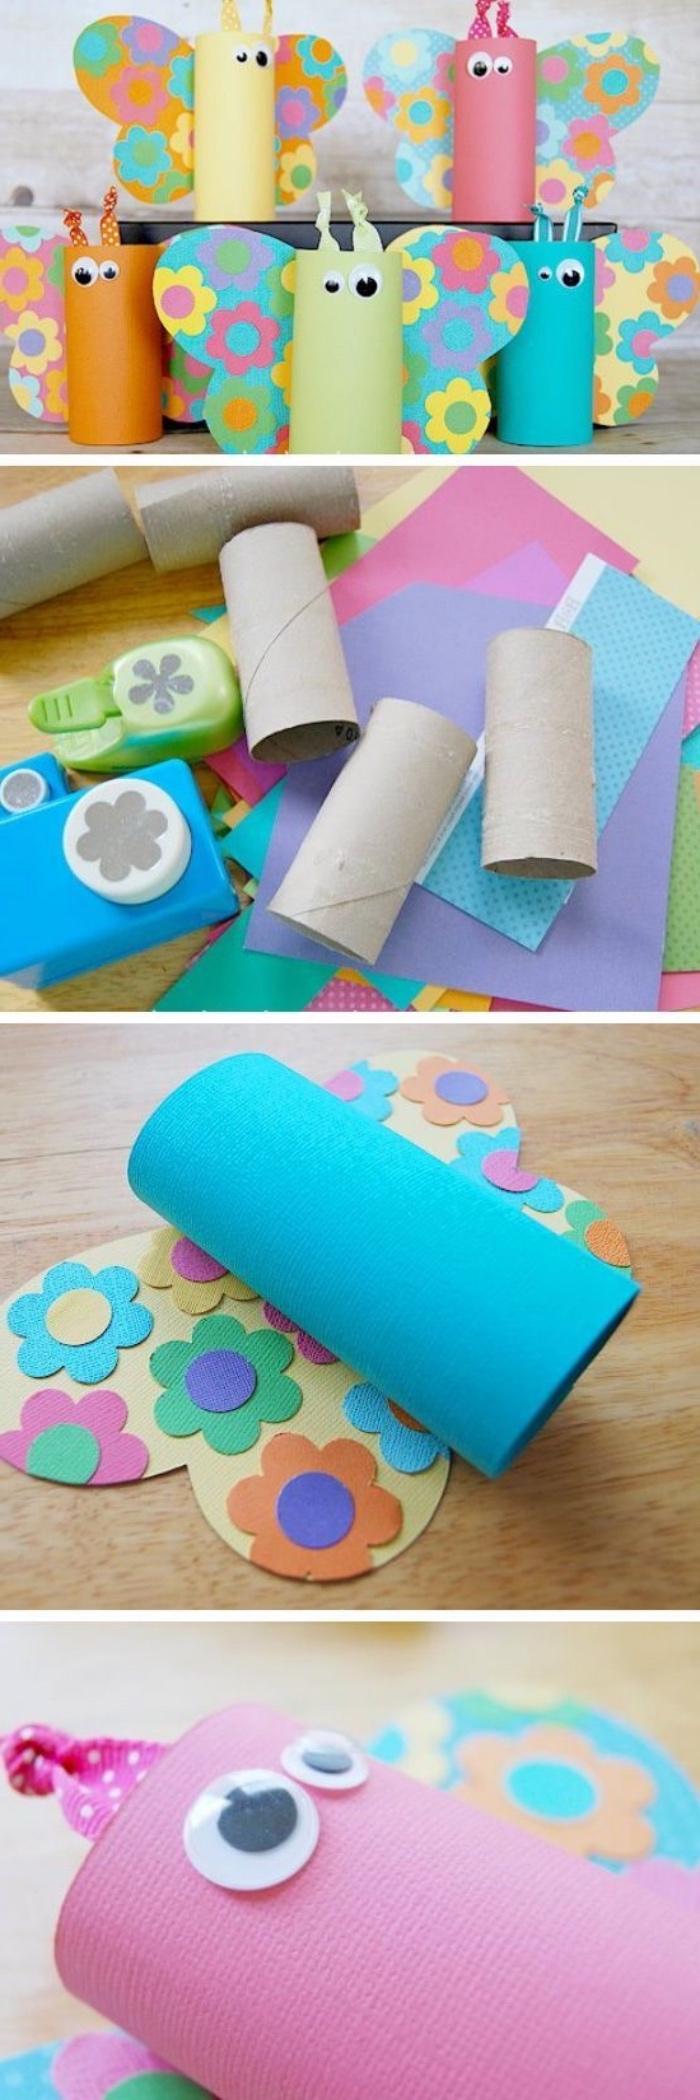 manualidades con tubos de cartón reciclados, divertidas propuestas de manualidades sencillas para niñosy adultos